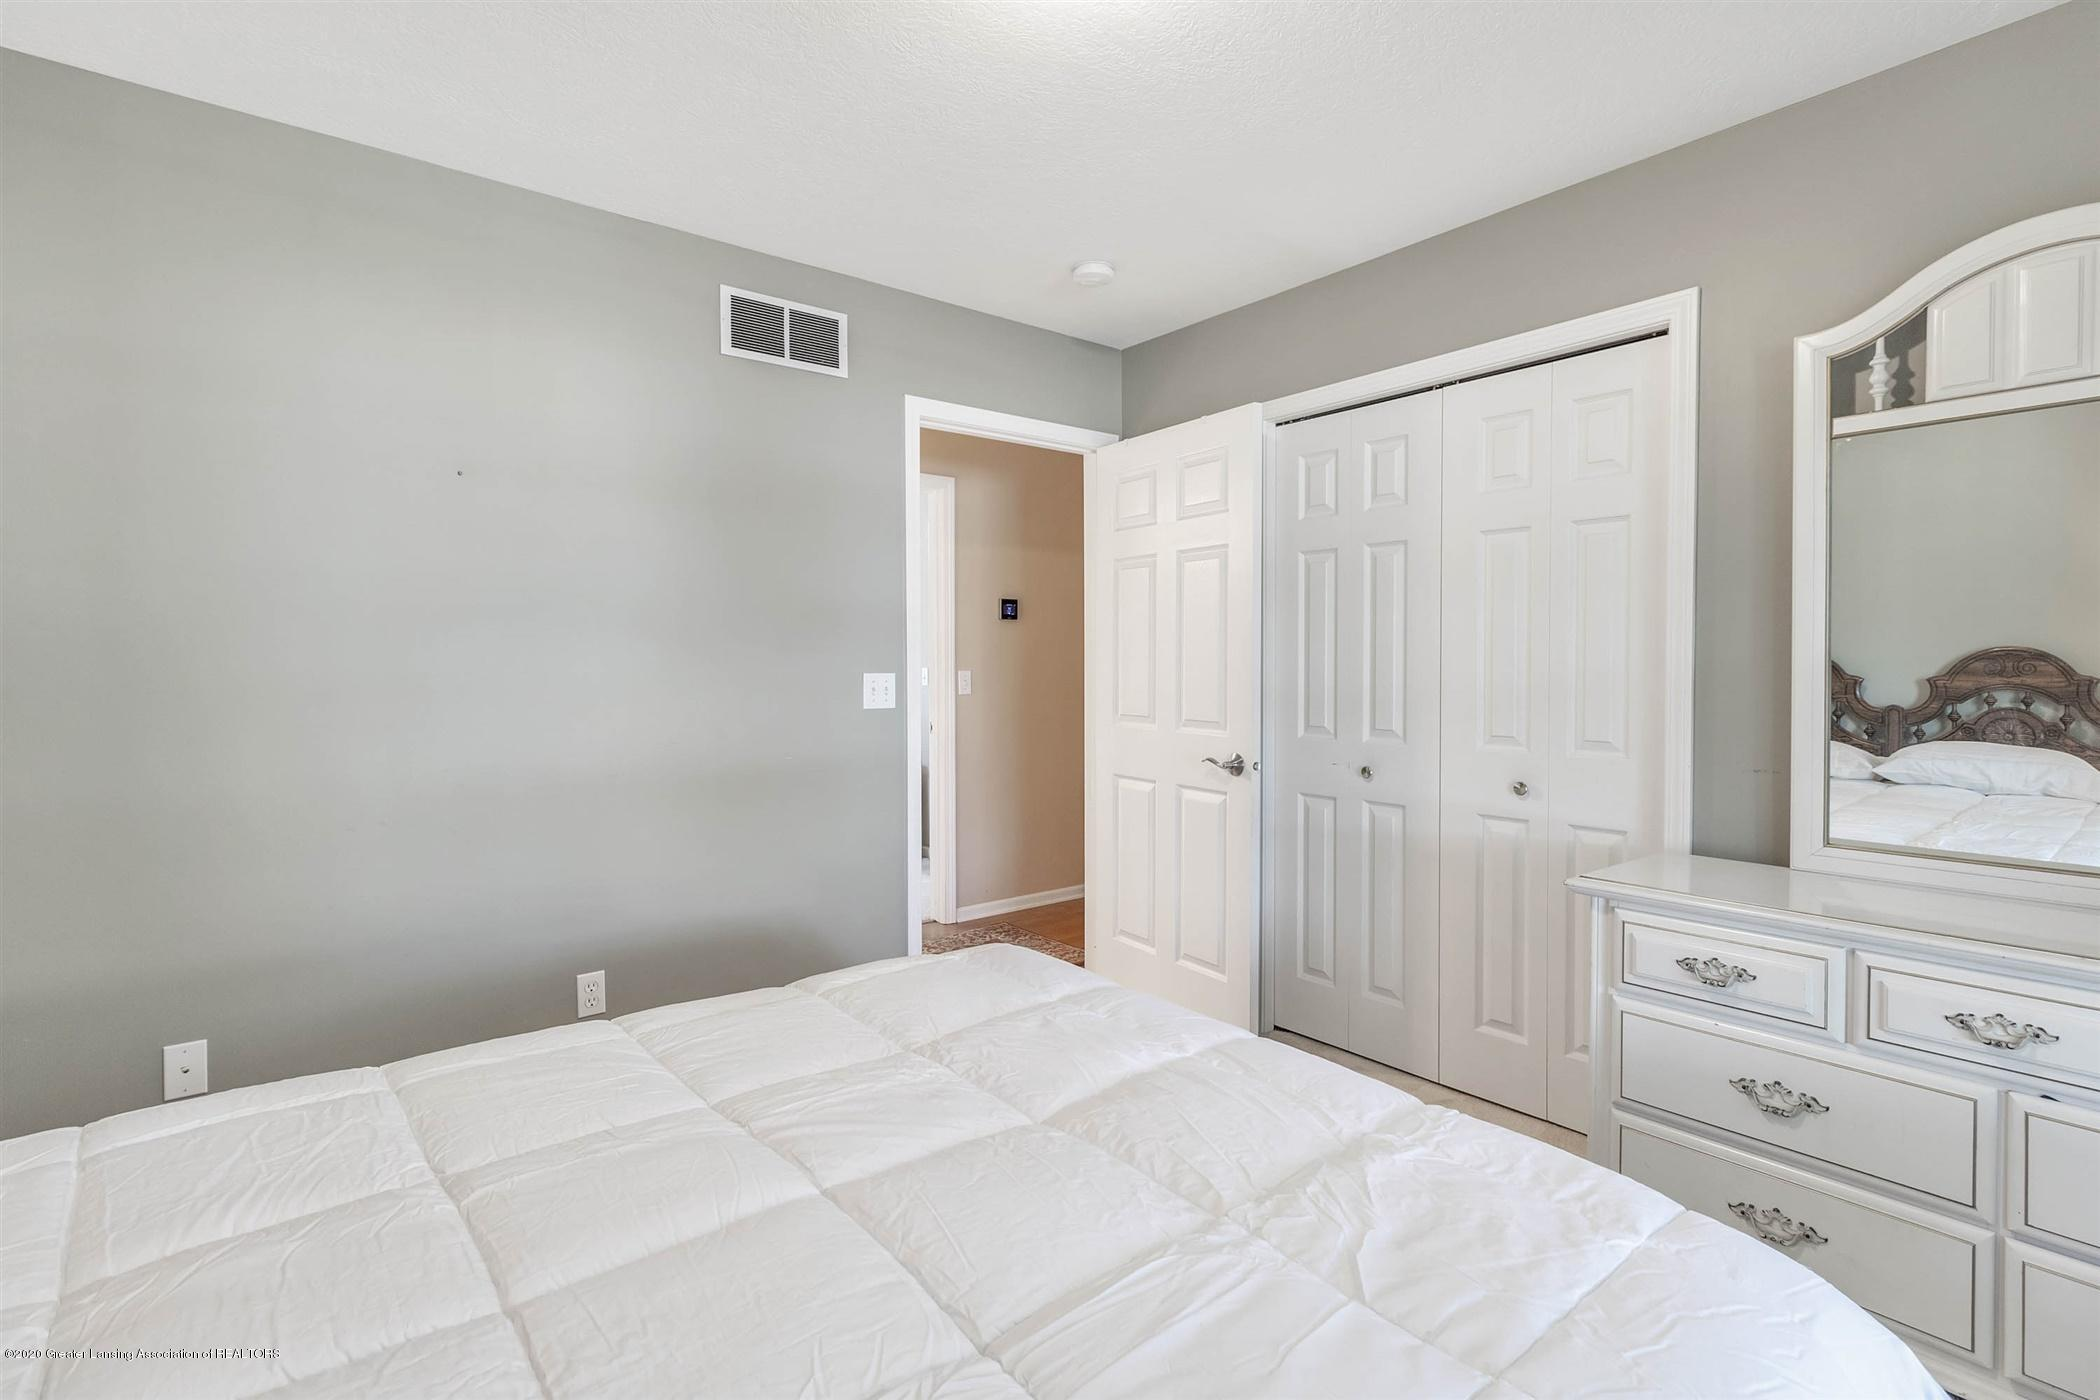 2383 Klompen St - 2nd Bedroom - 29